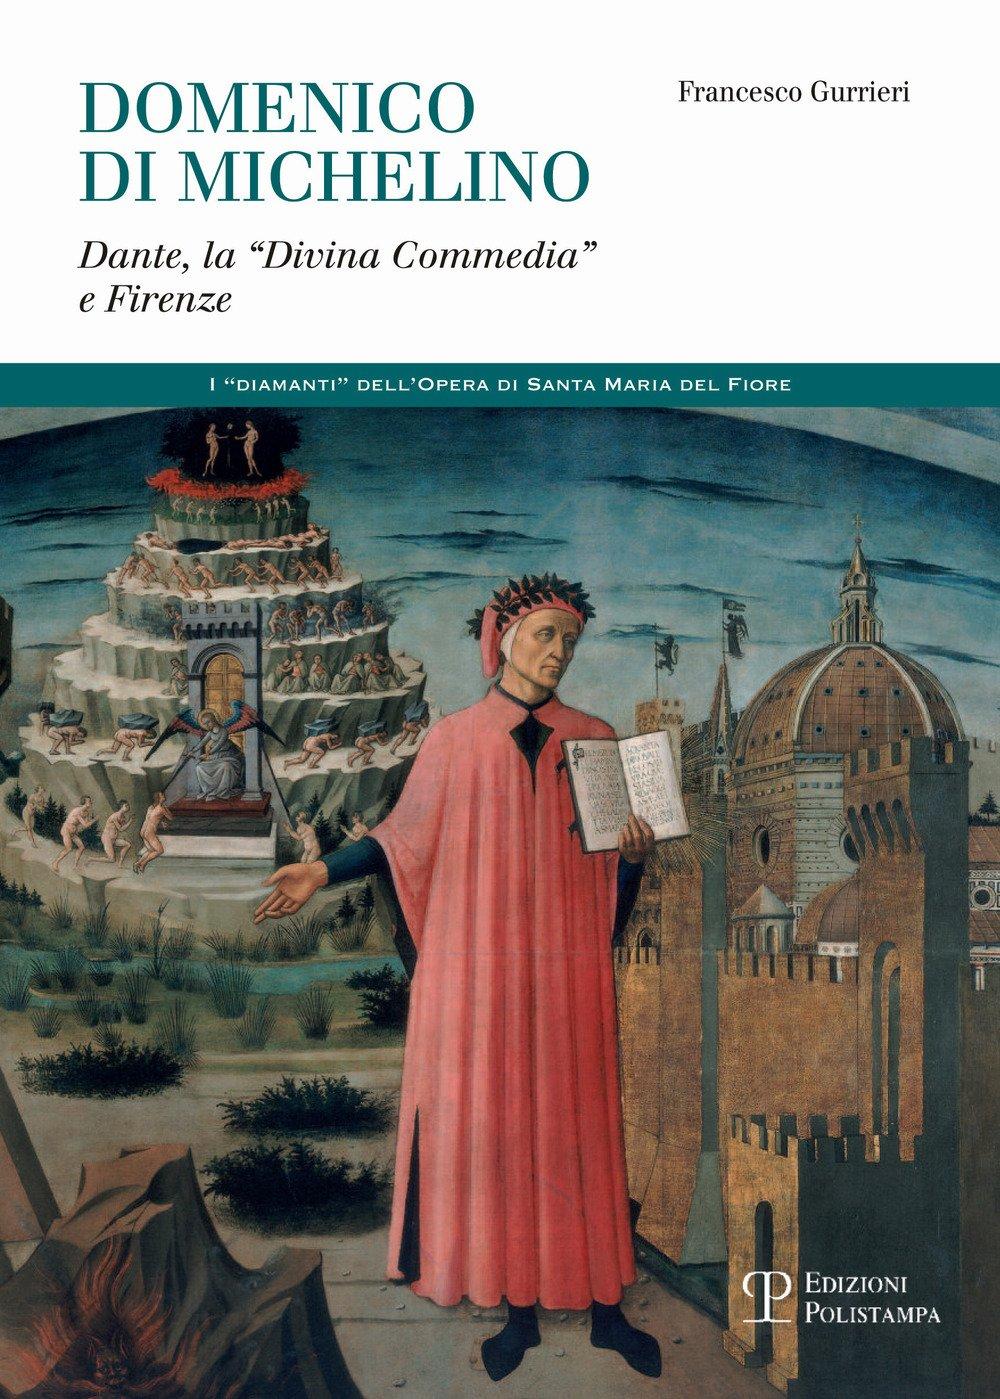 Domenico di Michelino. Dante, la